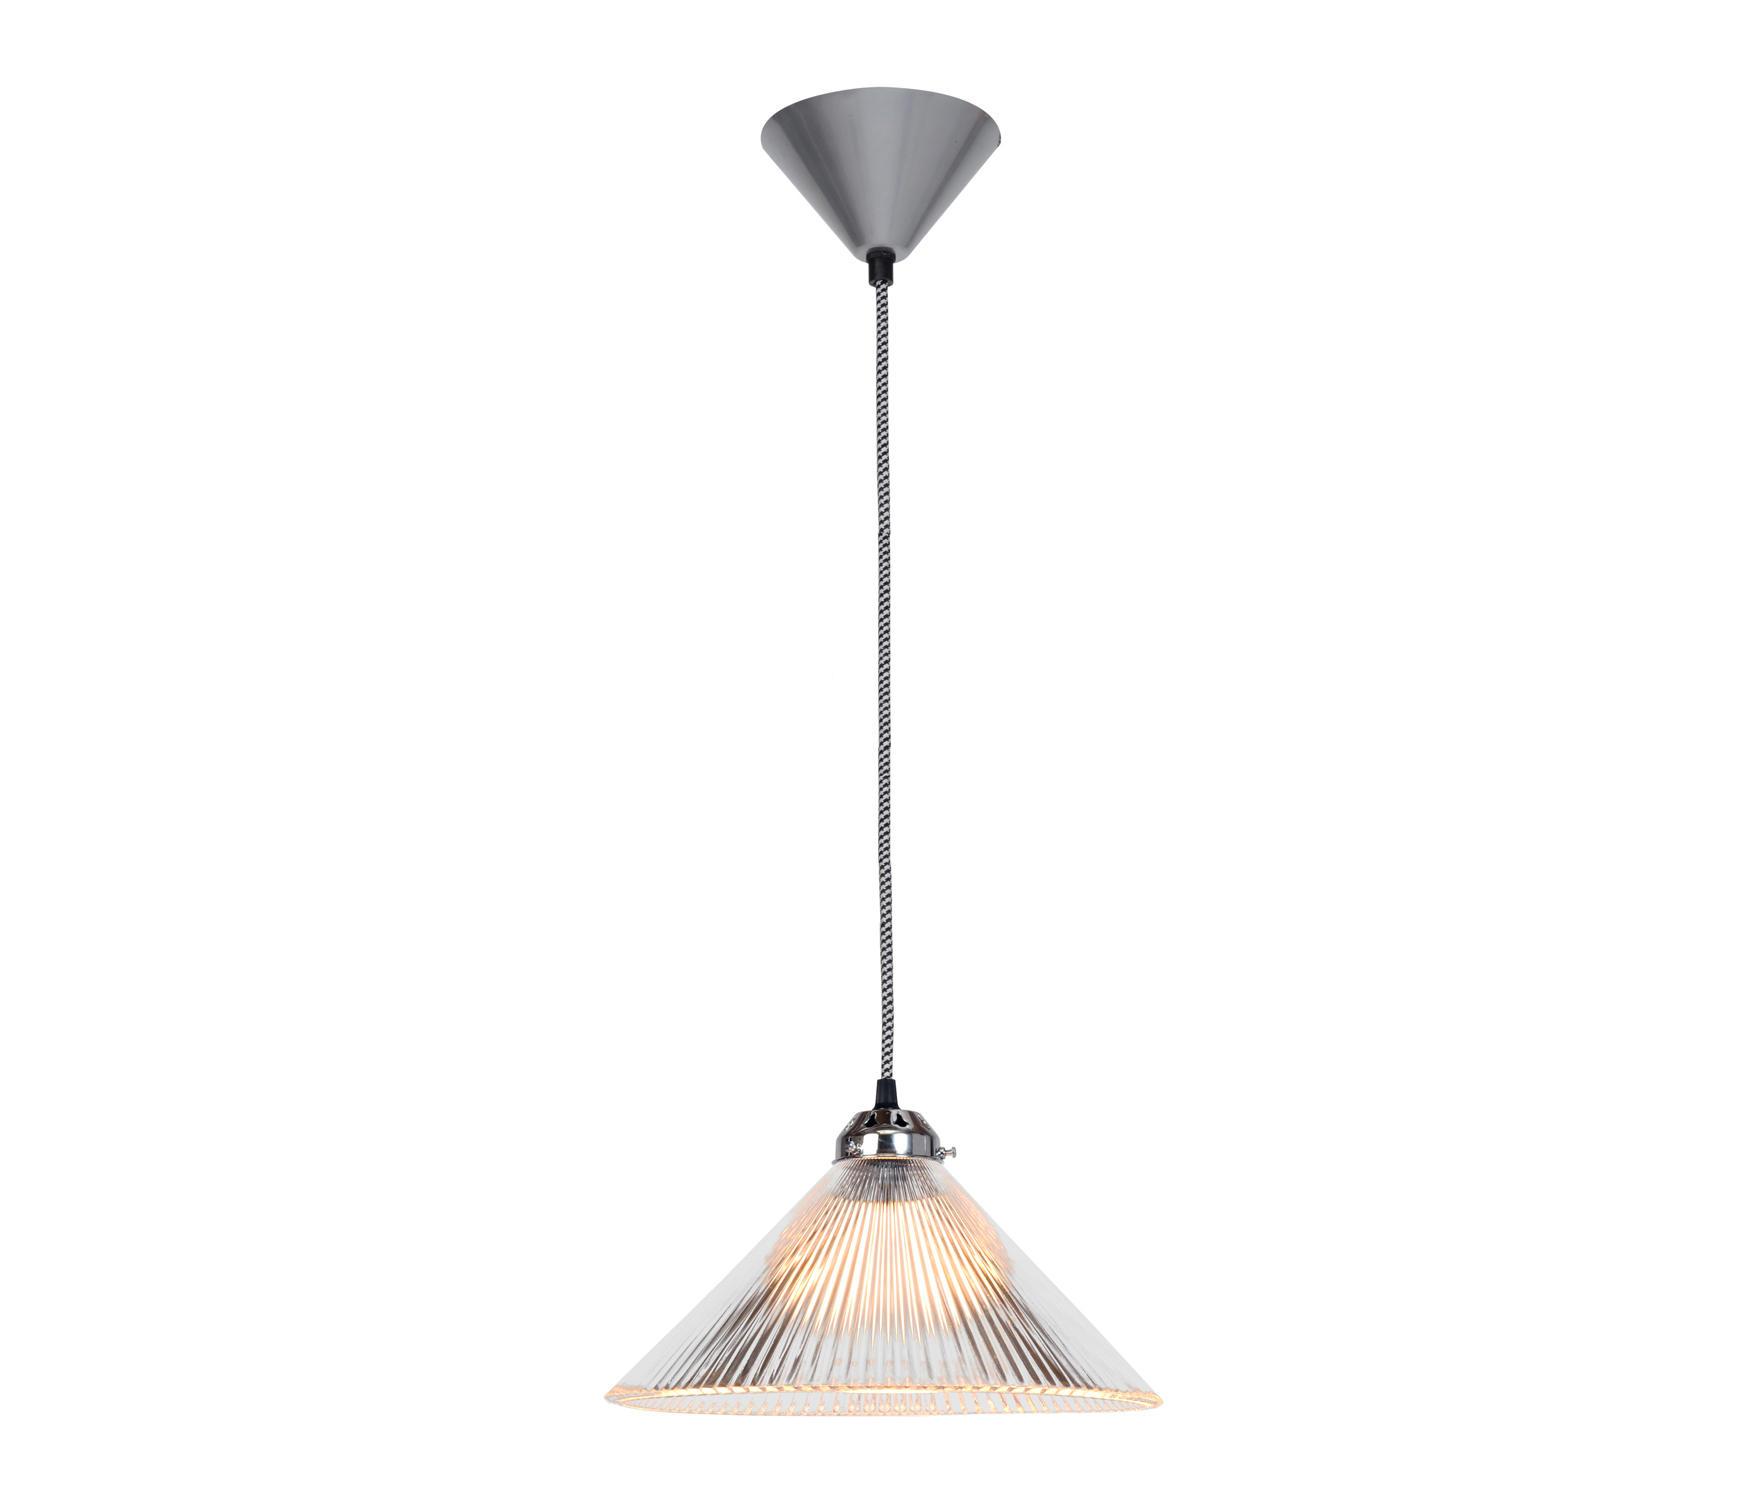 Coolie prismatic pendant light general lighting from original btc coolie prismatic pendant light by original btc general lighting arubaitofo Gallery